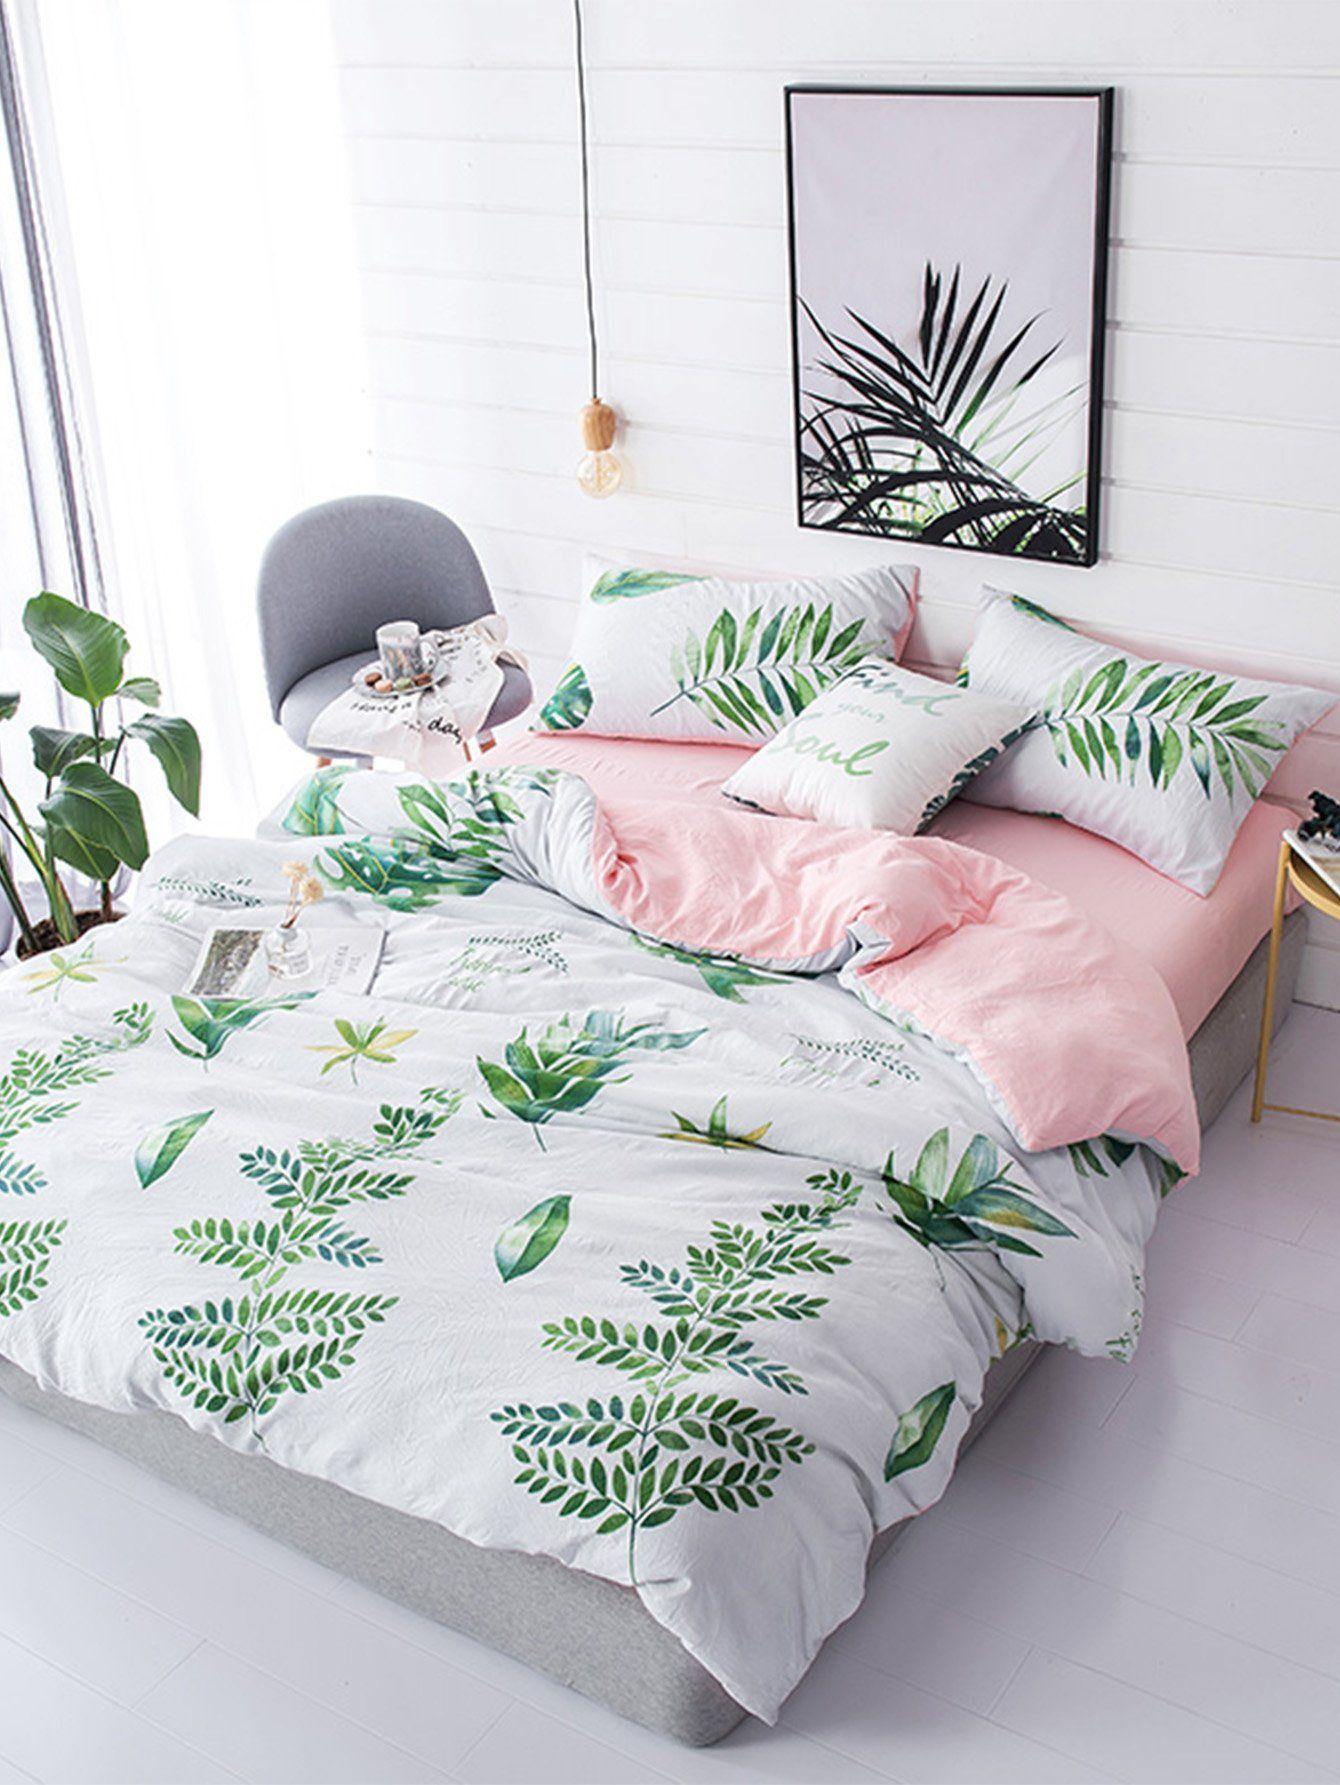 Leaf & Letter Print Sheet Set Tropical bedroom decor